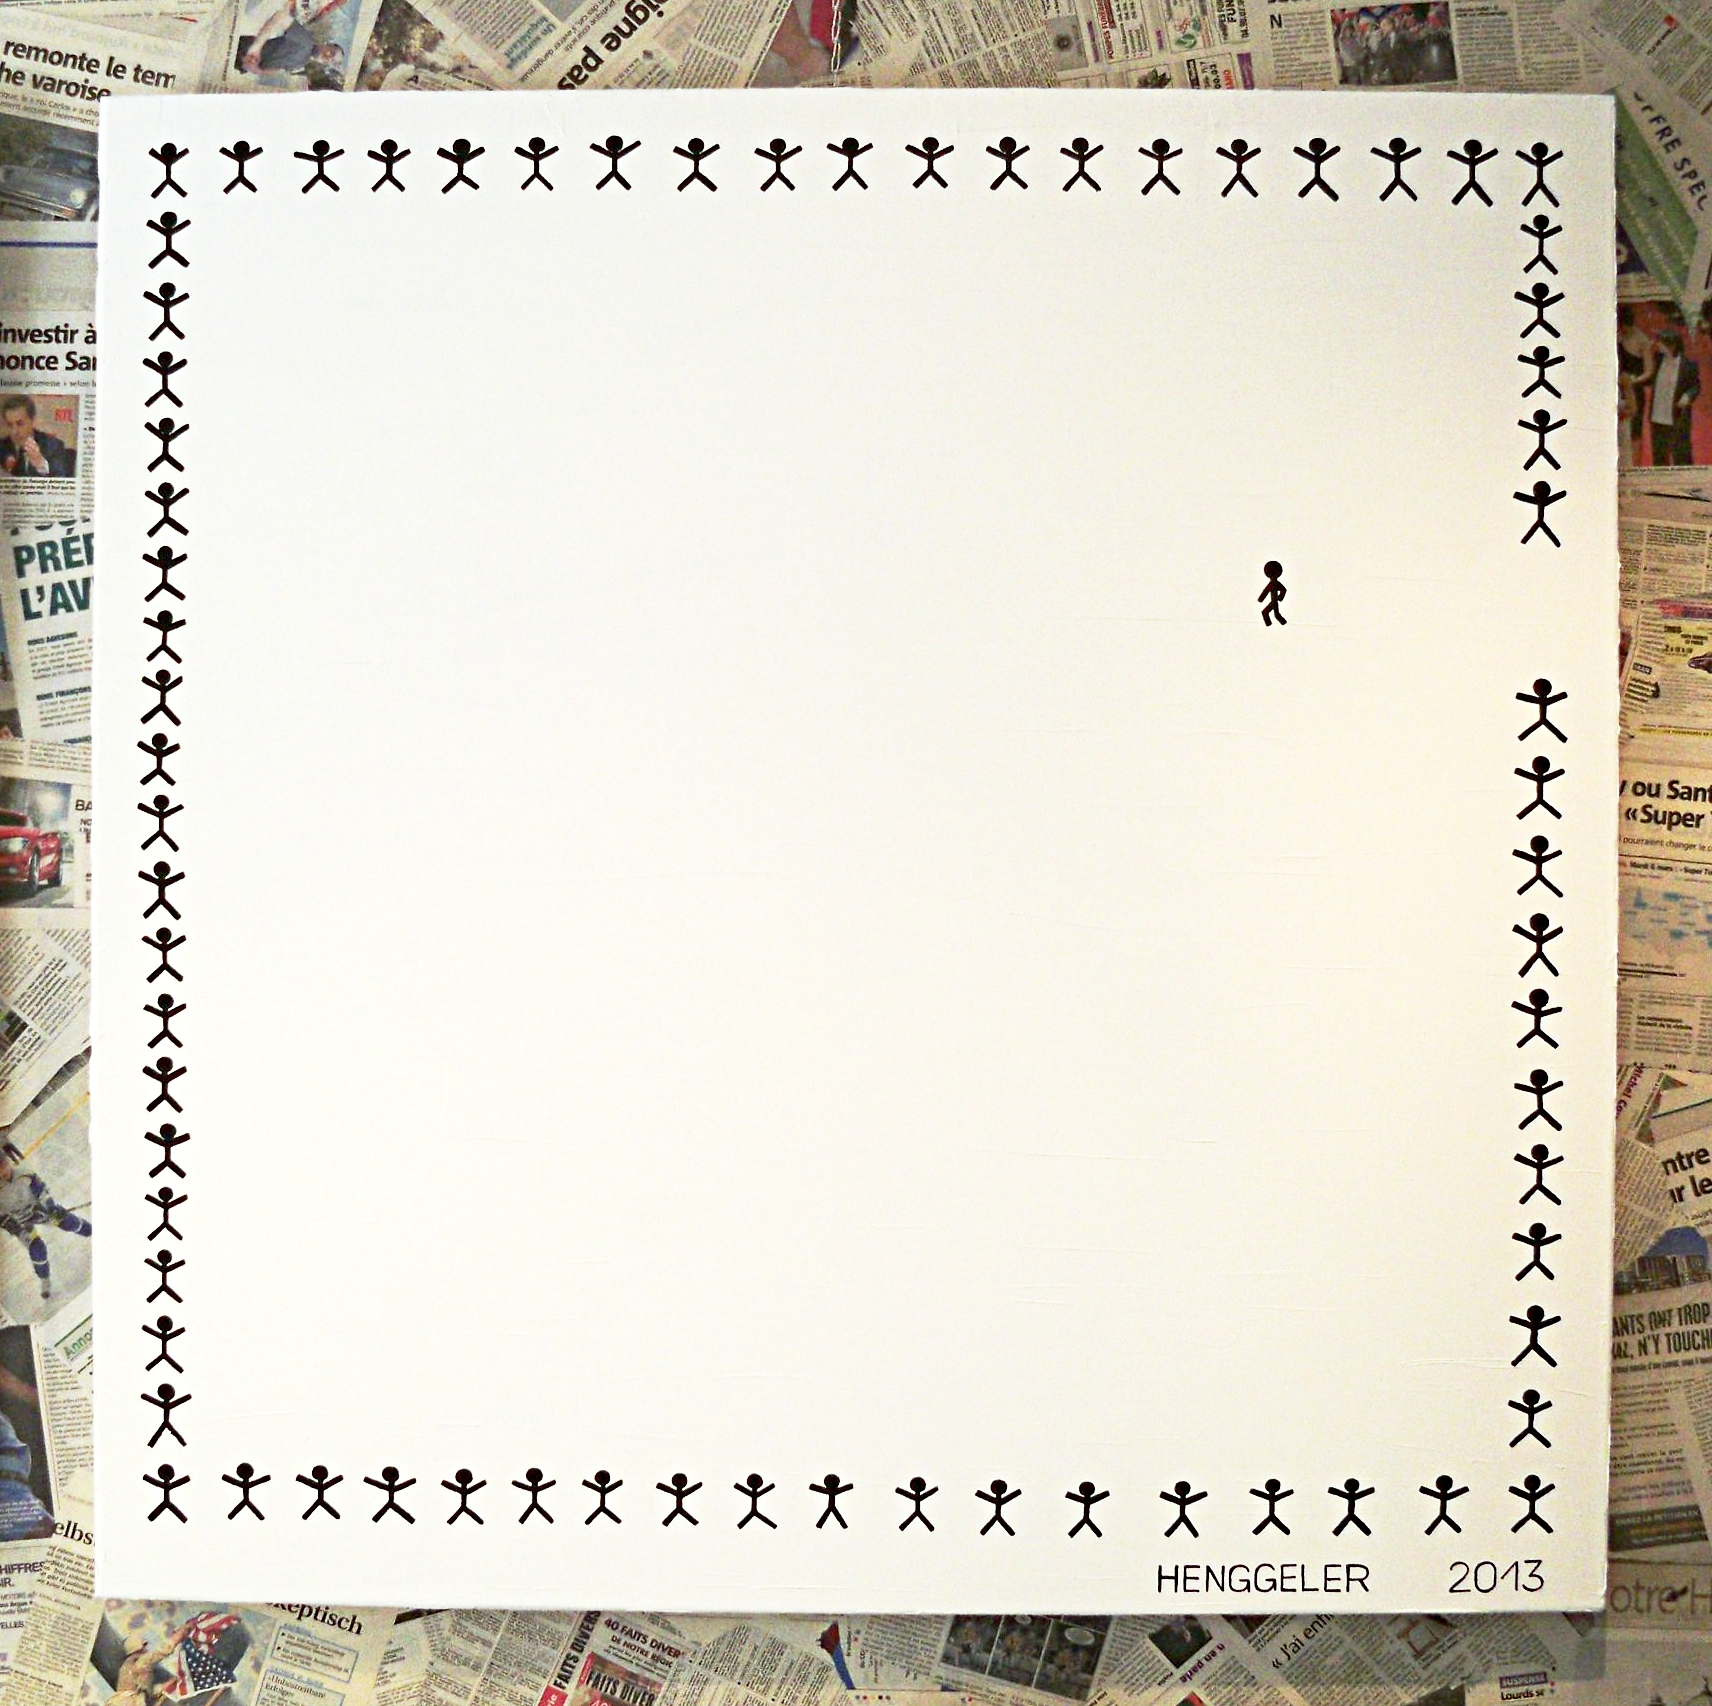 MY WAY (à ma façon)  acrylique sur toile, 100x100cm  2'800 euros